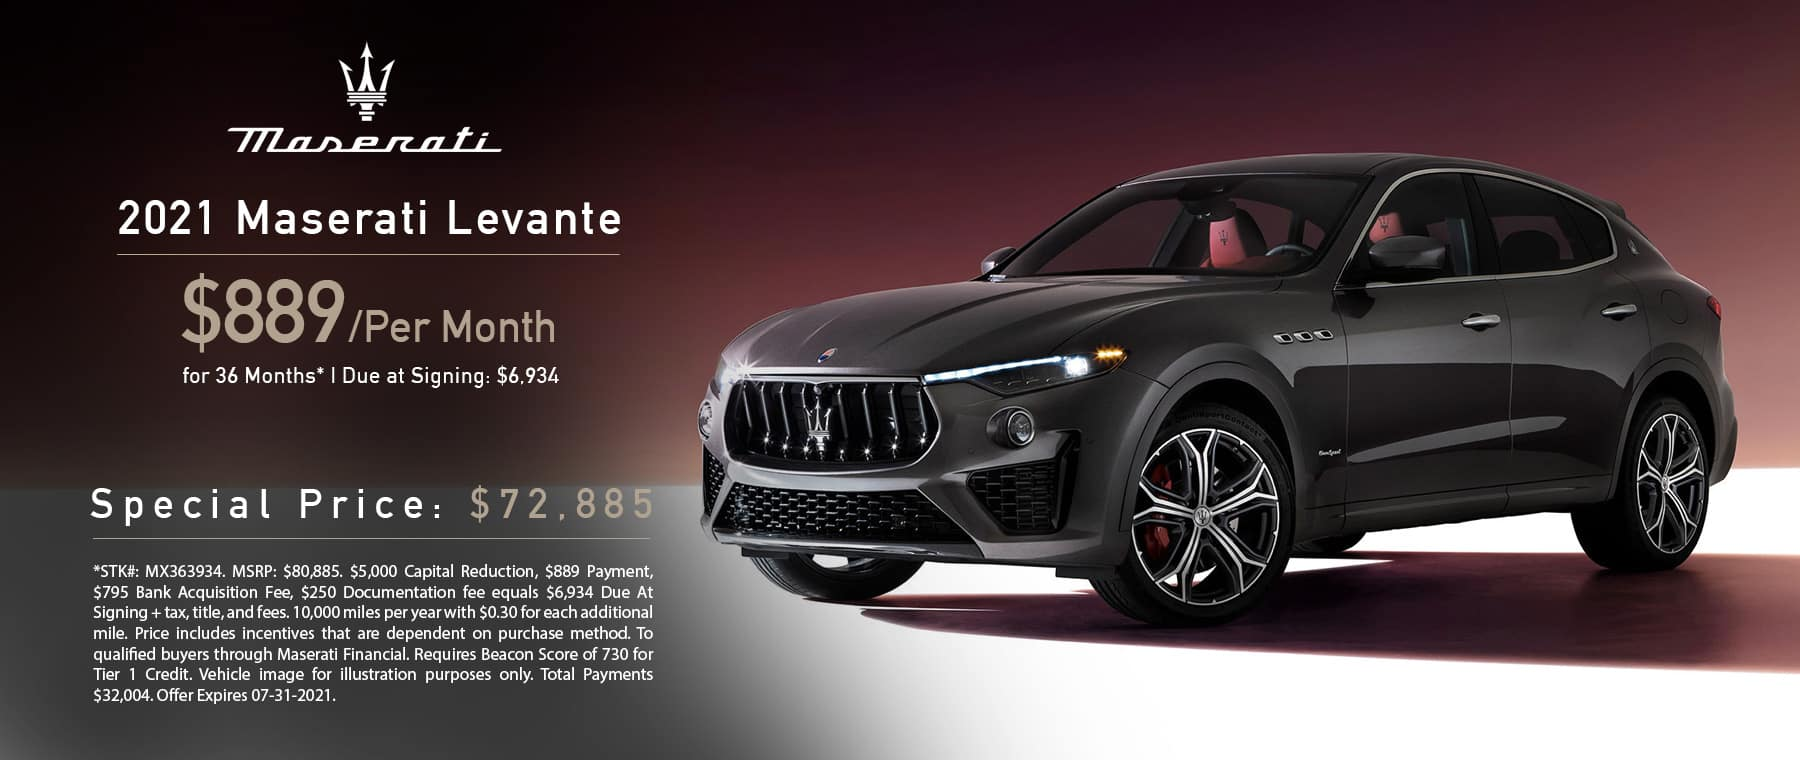 Maserati 2021 Levante Lease